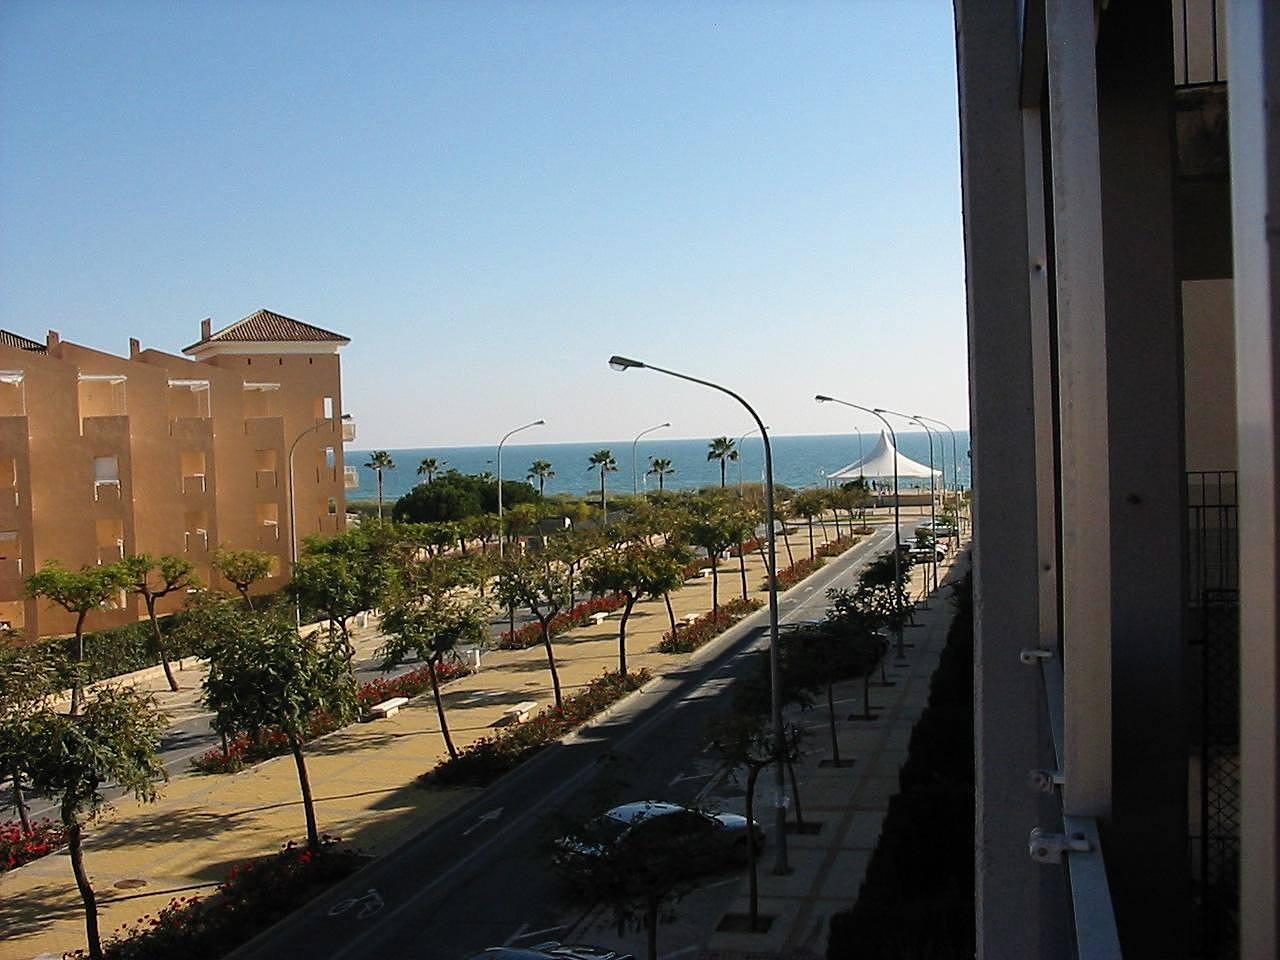 Appartement voor 4 6 personen op het strand islantilla - Rentalia islantilla ...